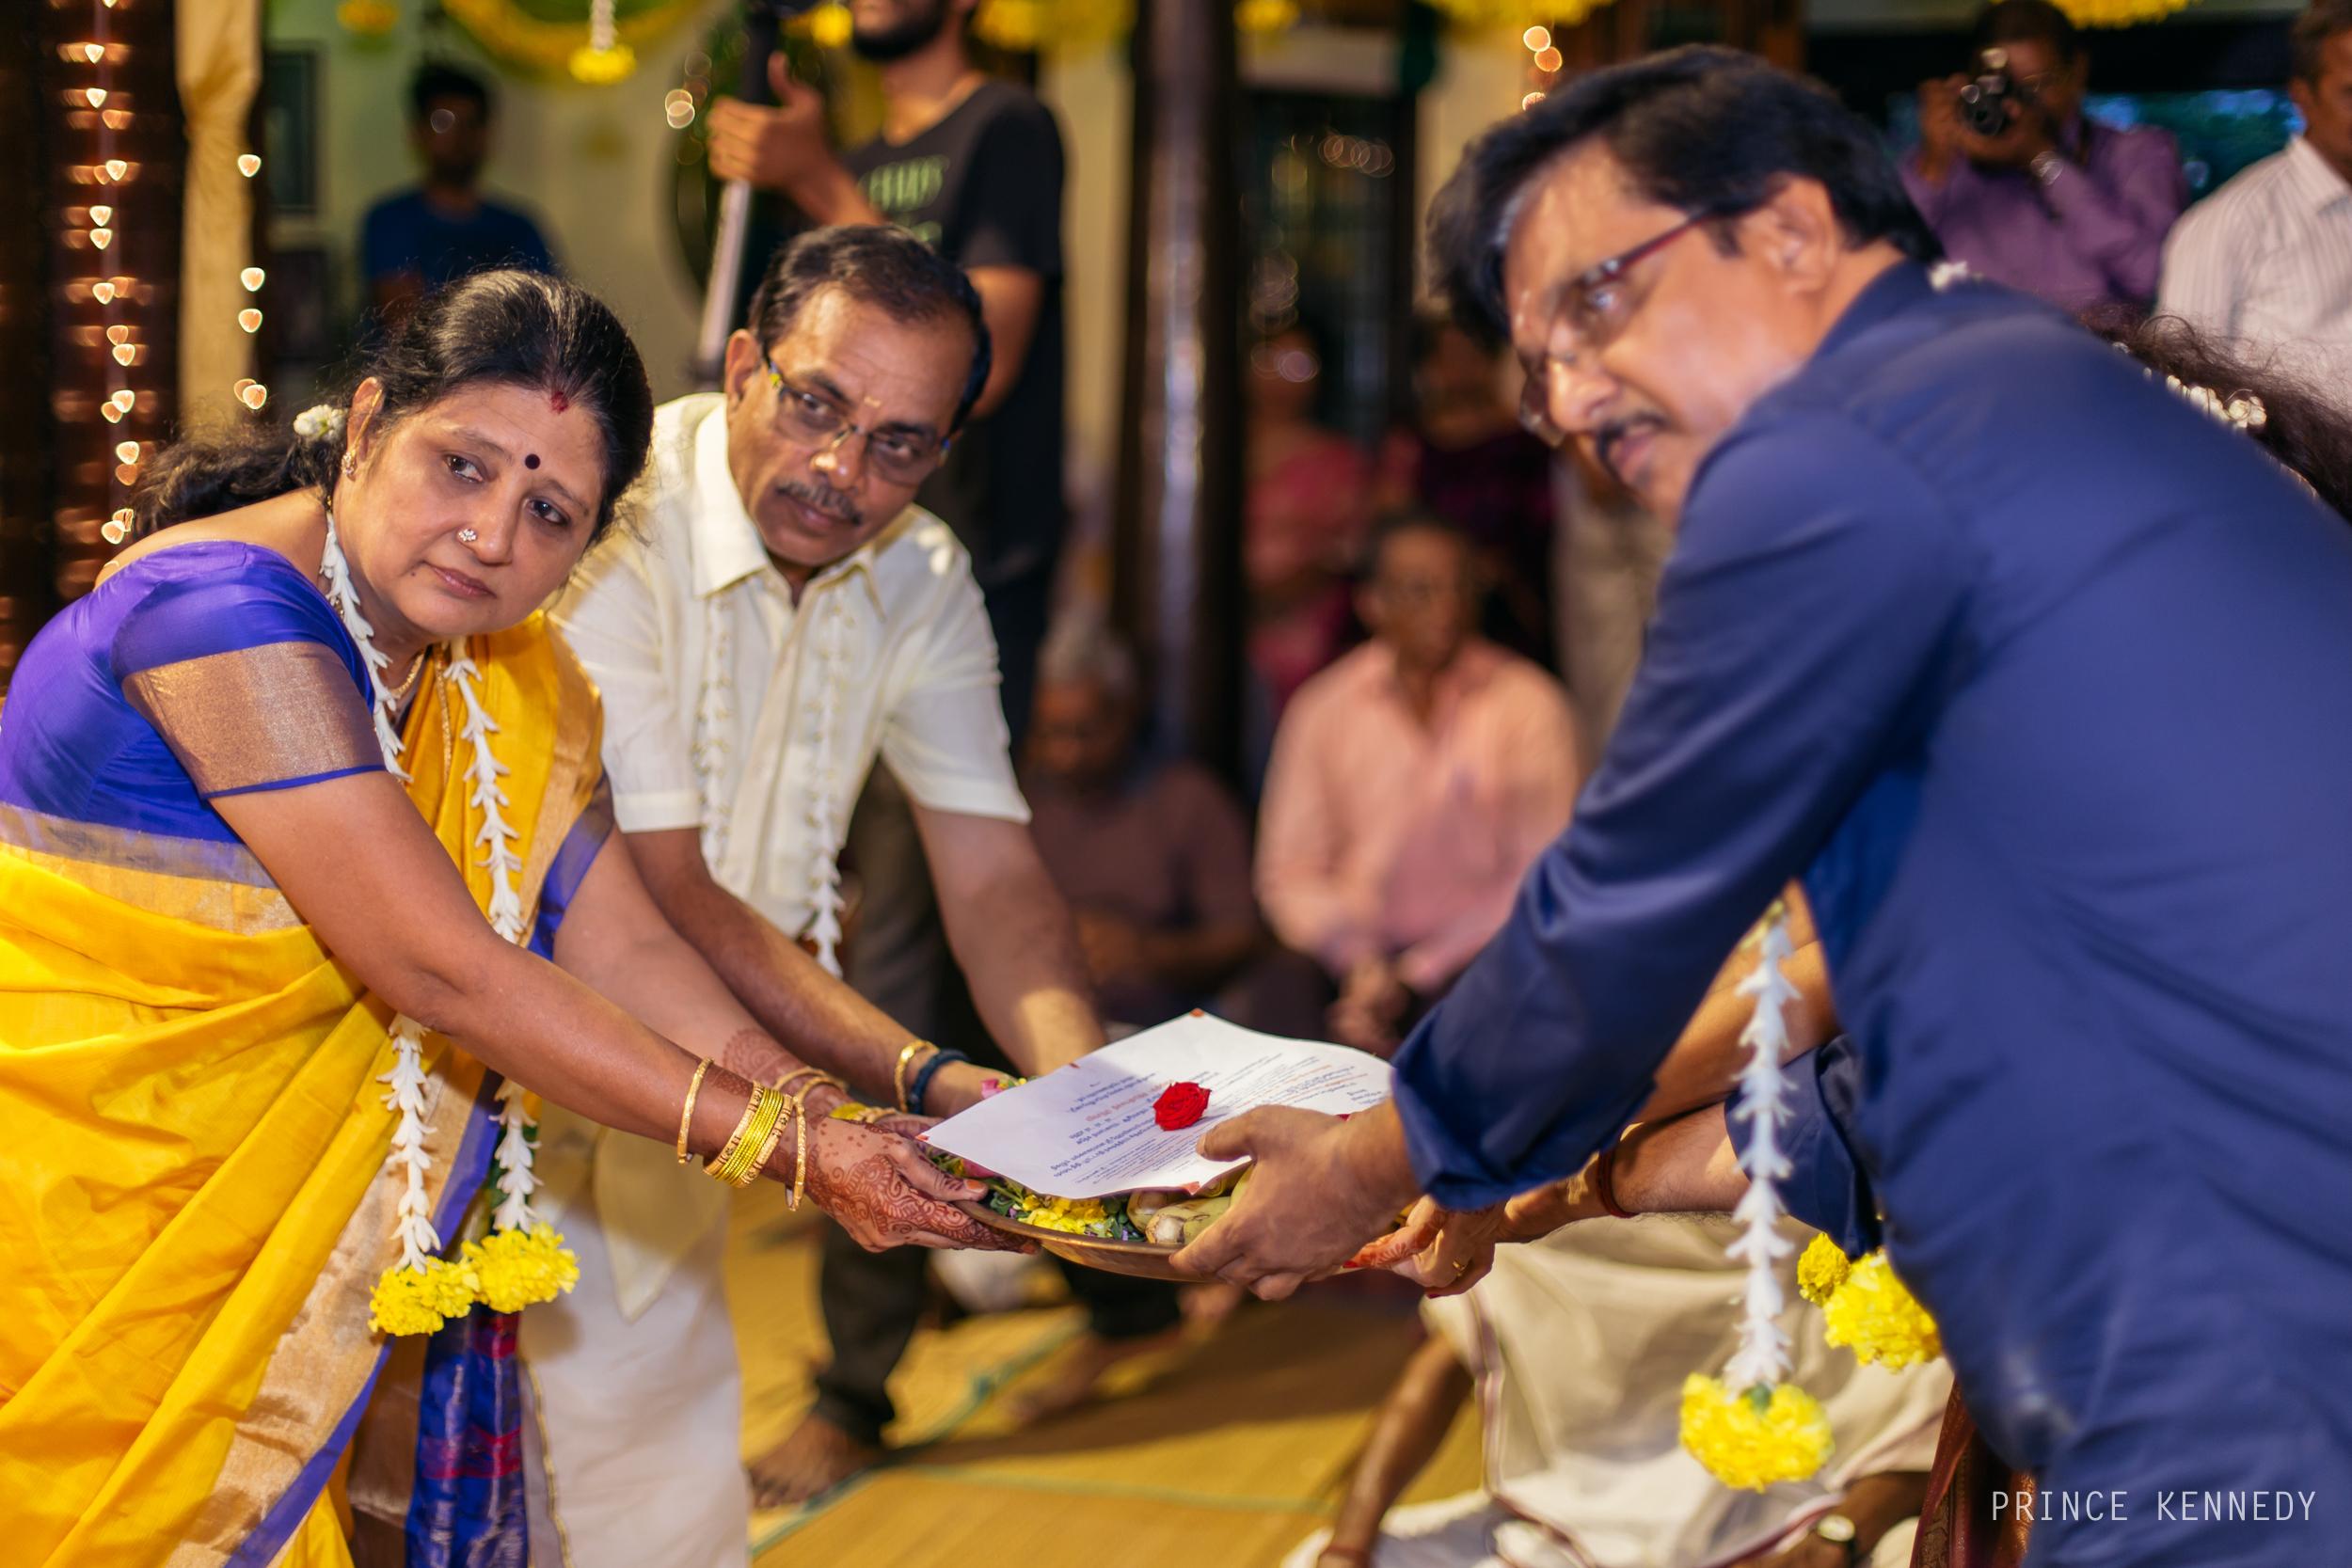 Engagement-Couple-Portrait-Portraiture-Wedding-Couple-Portrait-Chennai-Photographer-Candid-Photography-Destination-Best-Prince-Kennedy-Photography-193.jpg